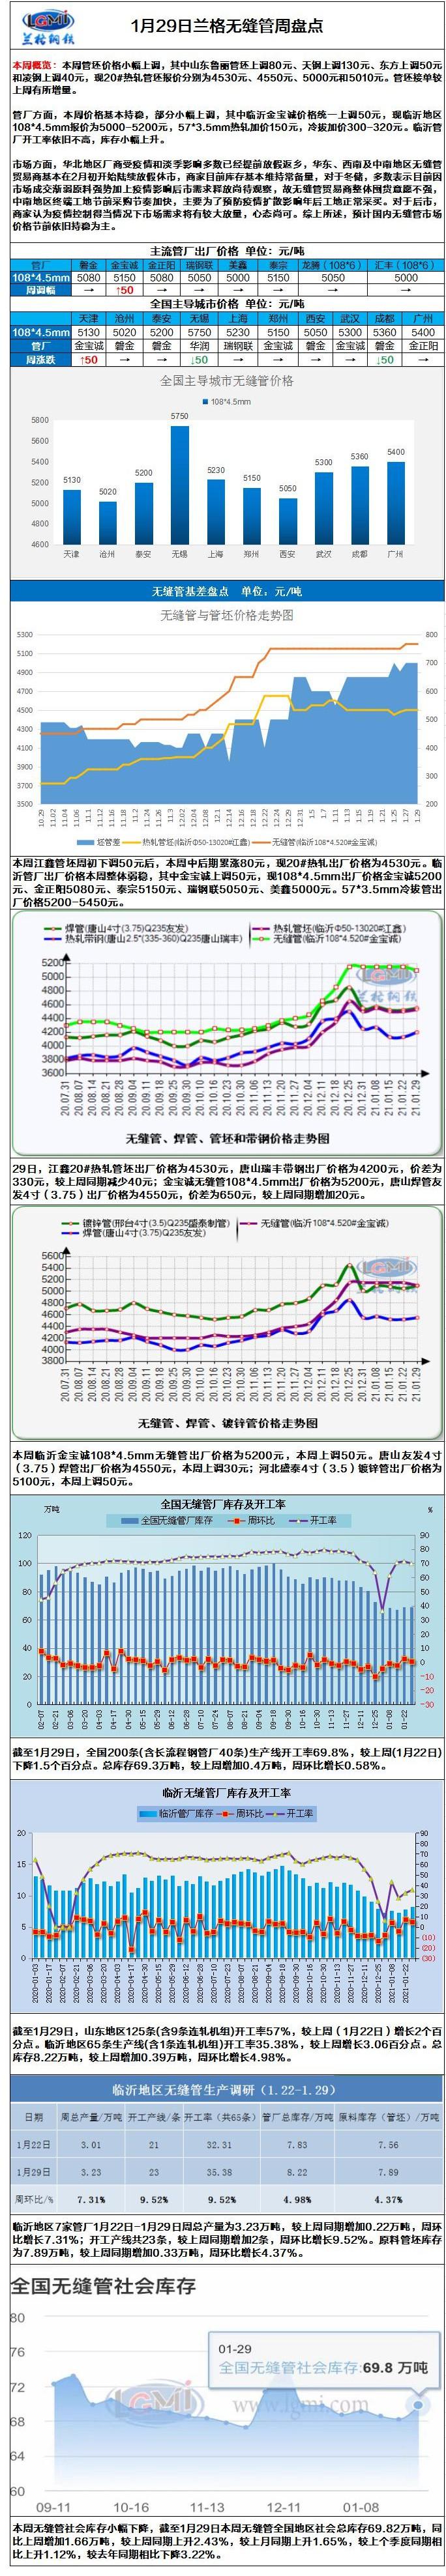 兰格无缝管周盘点(1.29):原料价格小幅上调  无缝管价格跟涨无力